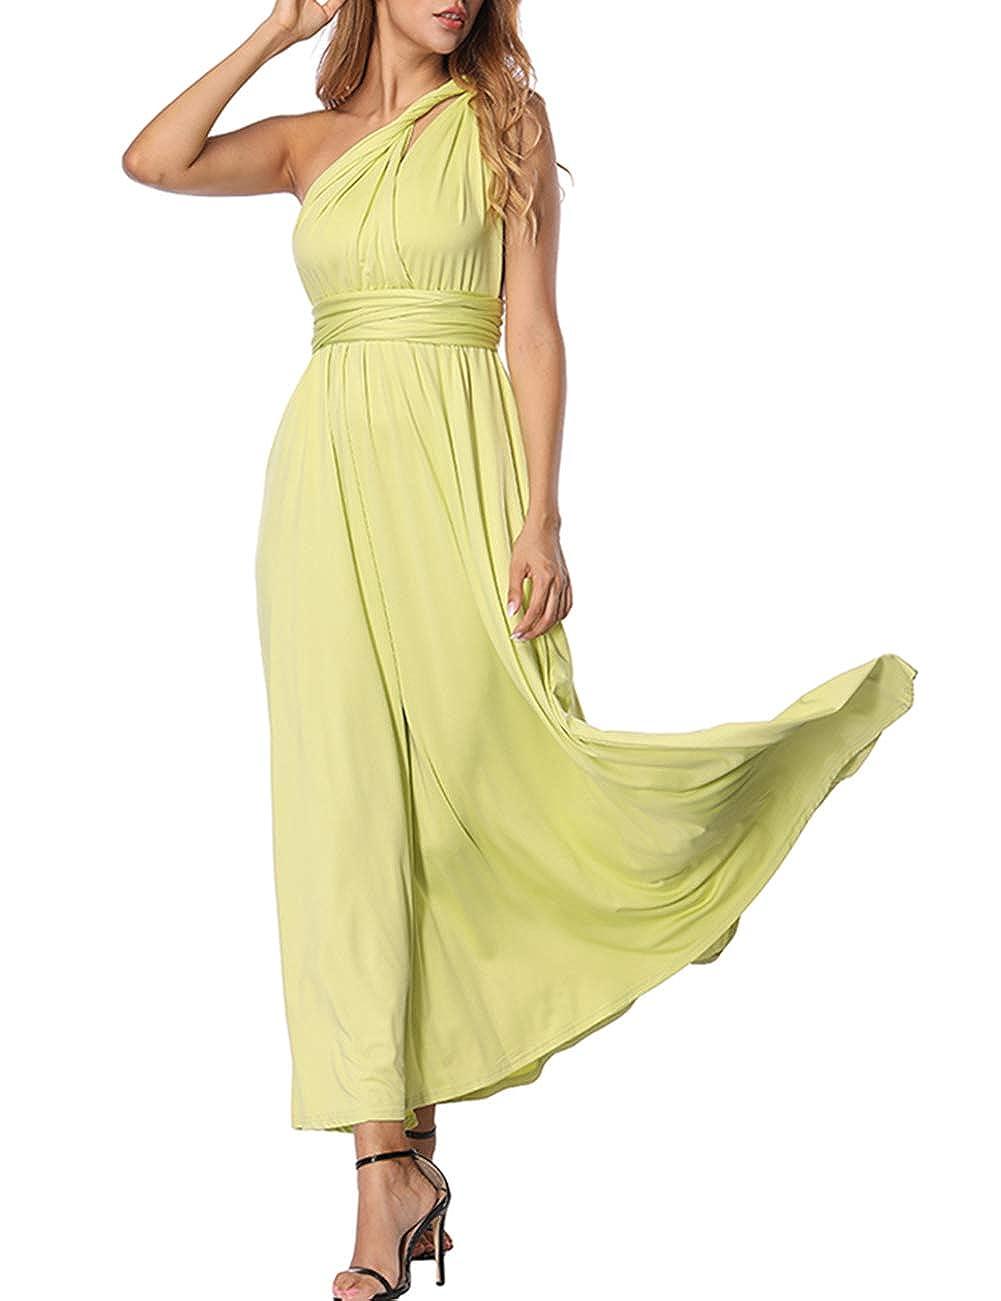 TALLA L(ES 44-46). FeelinGirl Mujer Vestido Maxi Convertible Espalda Decubierta Cóctel Multiposicion Tirantes Multi-Manera Largo Falda para Fiesta Ceremonia Sexy y Elegante Verde Claro L(ES 44-46)